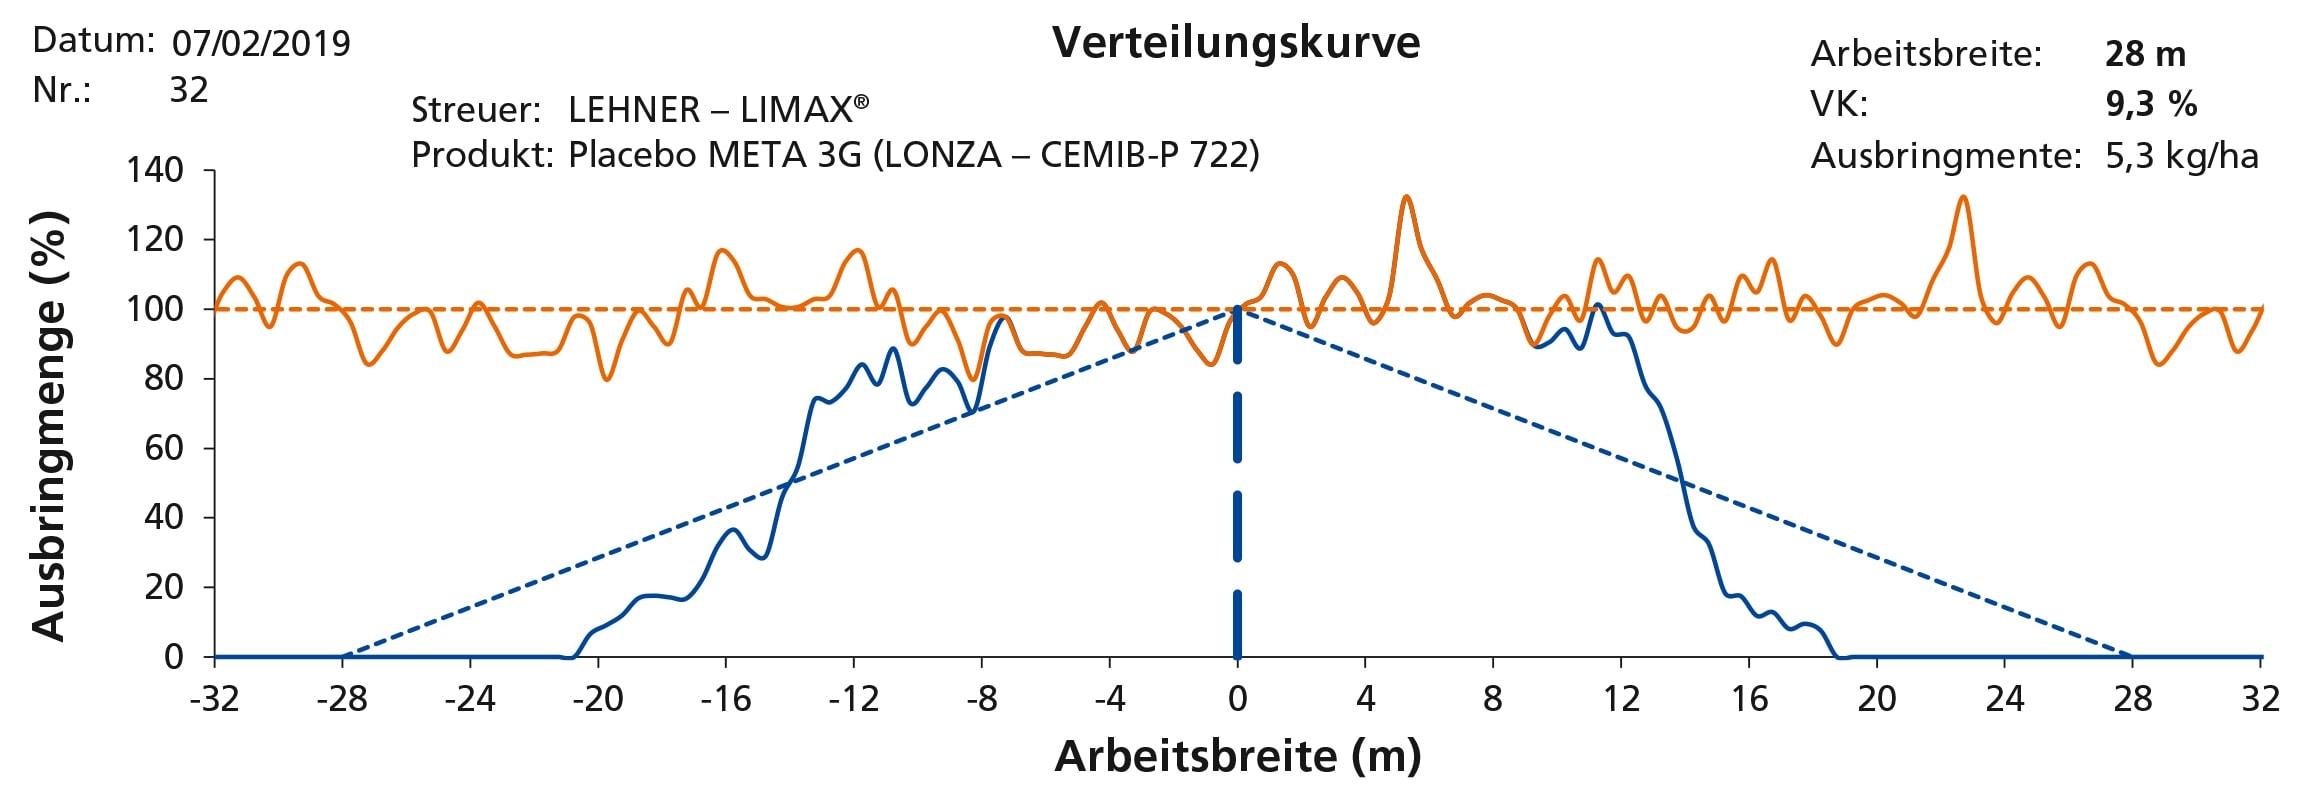 Variationskoeffizient 9,3 % bei 28m Streubreite